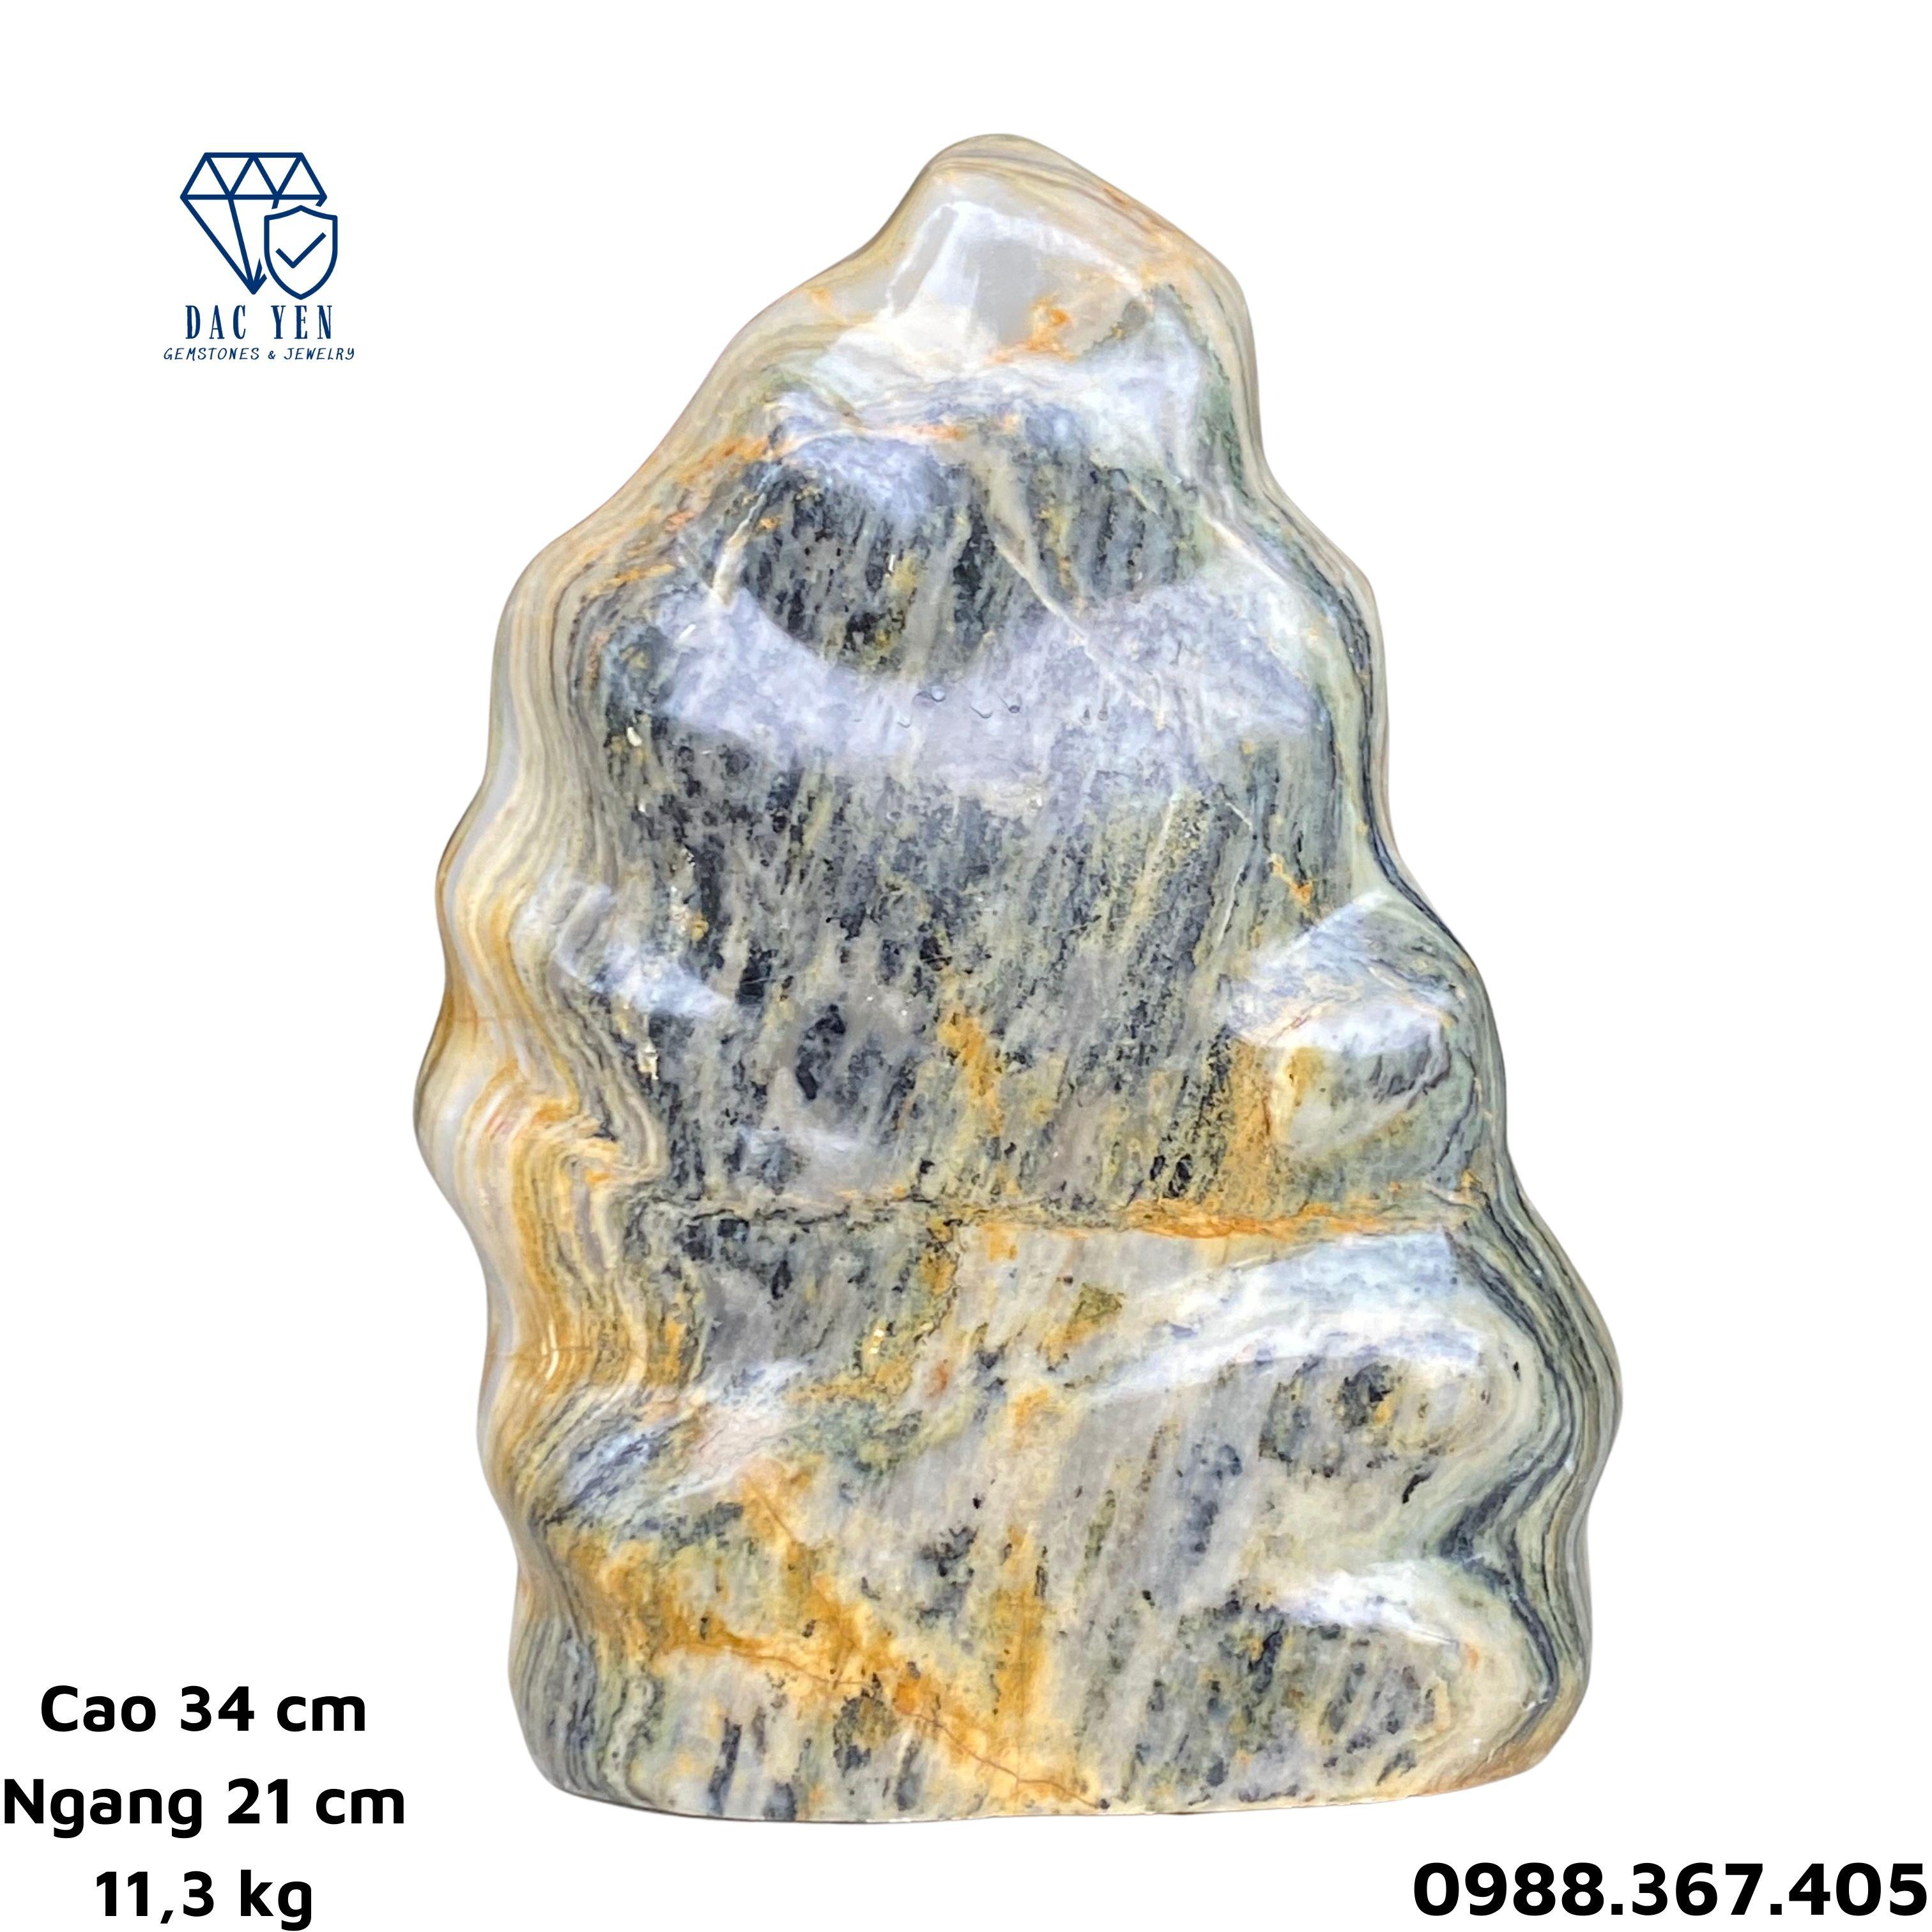 Đá ngũ sắc phong thủy, đá serpentine tự nhiên yên bái, đá phong thủy